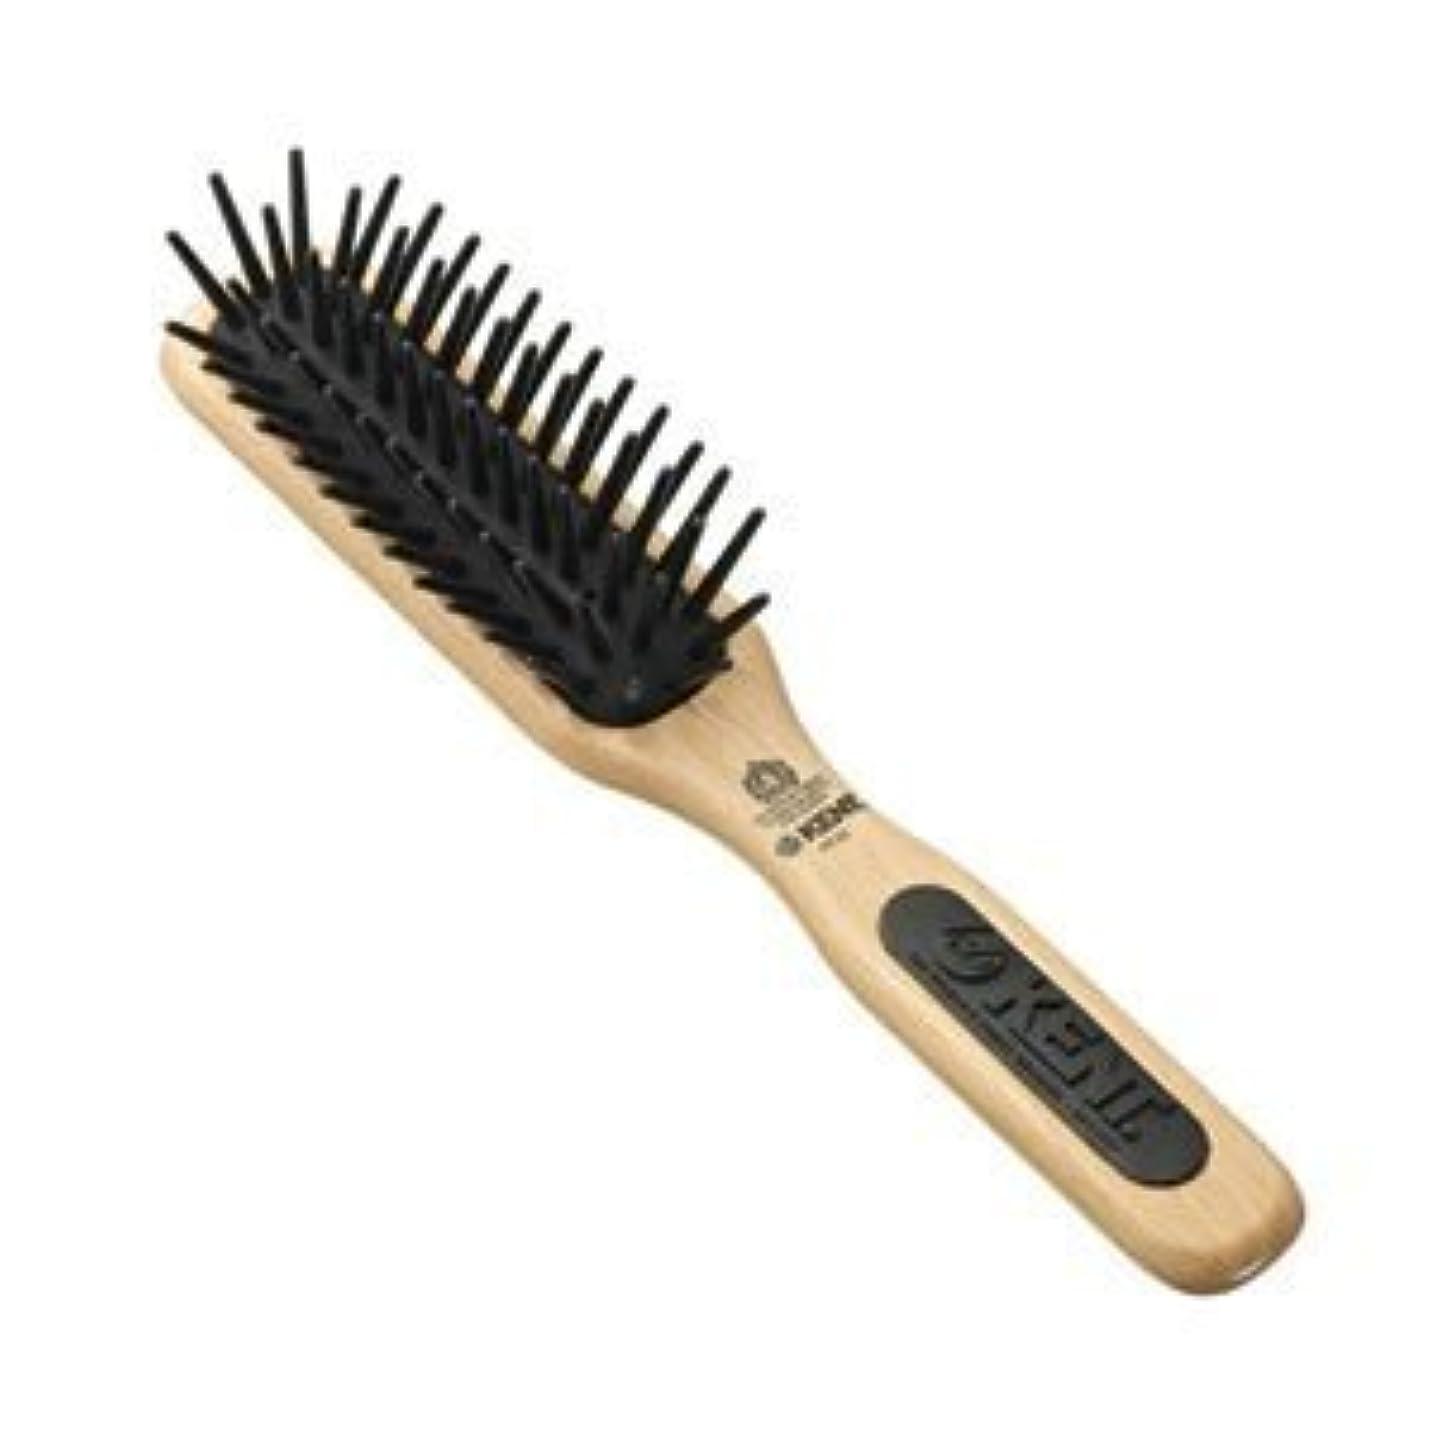 鬼ごっこサミュエル条件付きKent Brushes Pf20 Midi Detangling Fat Pin Narrow Brush [並行輸入品]